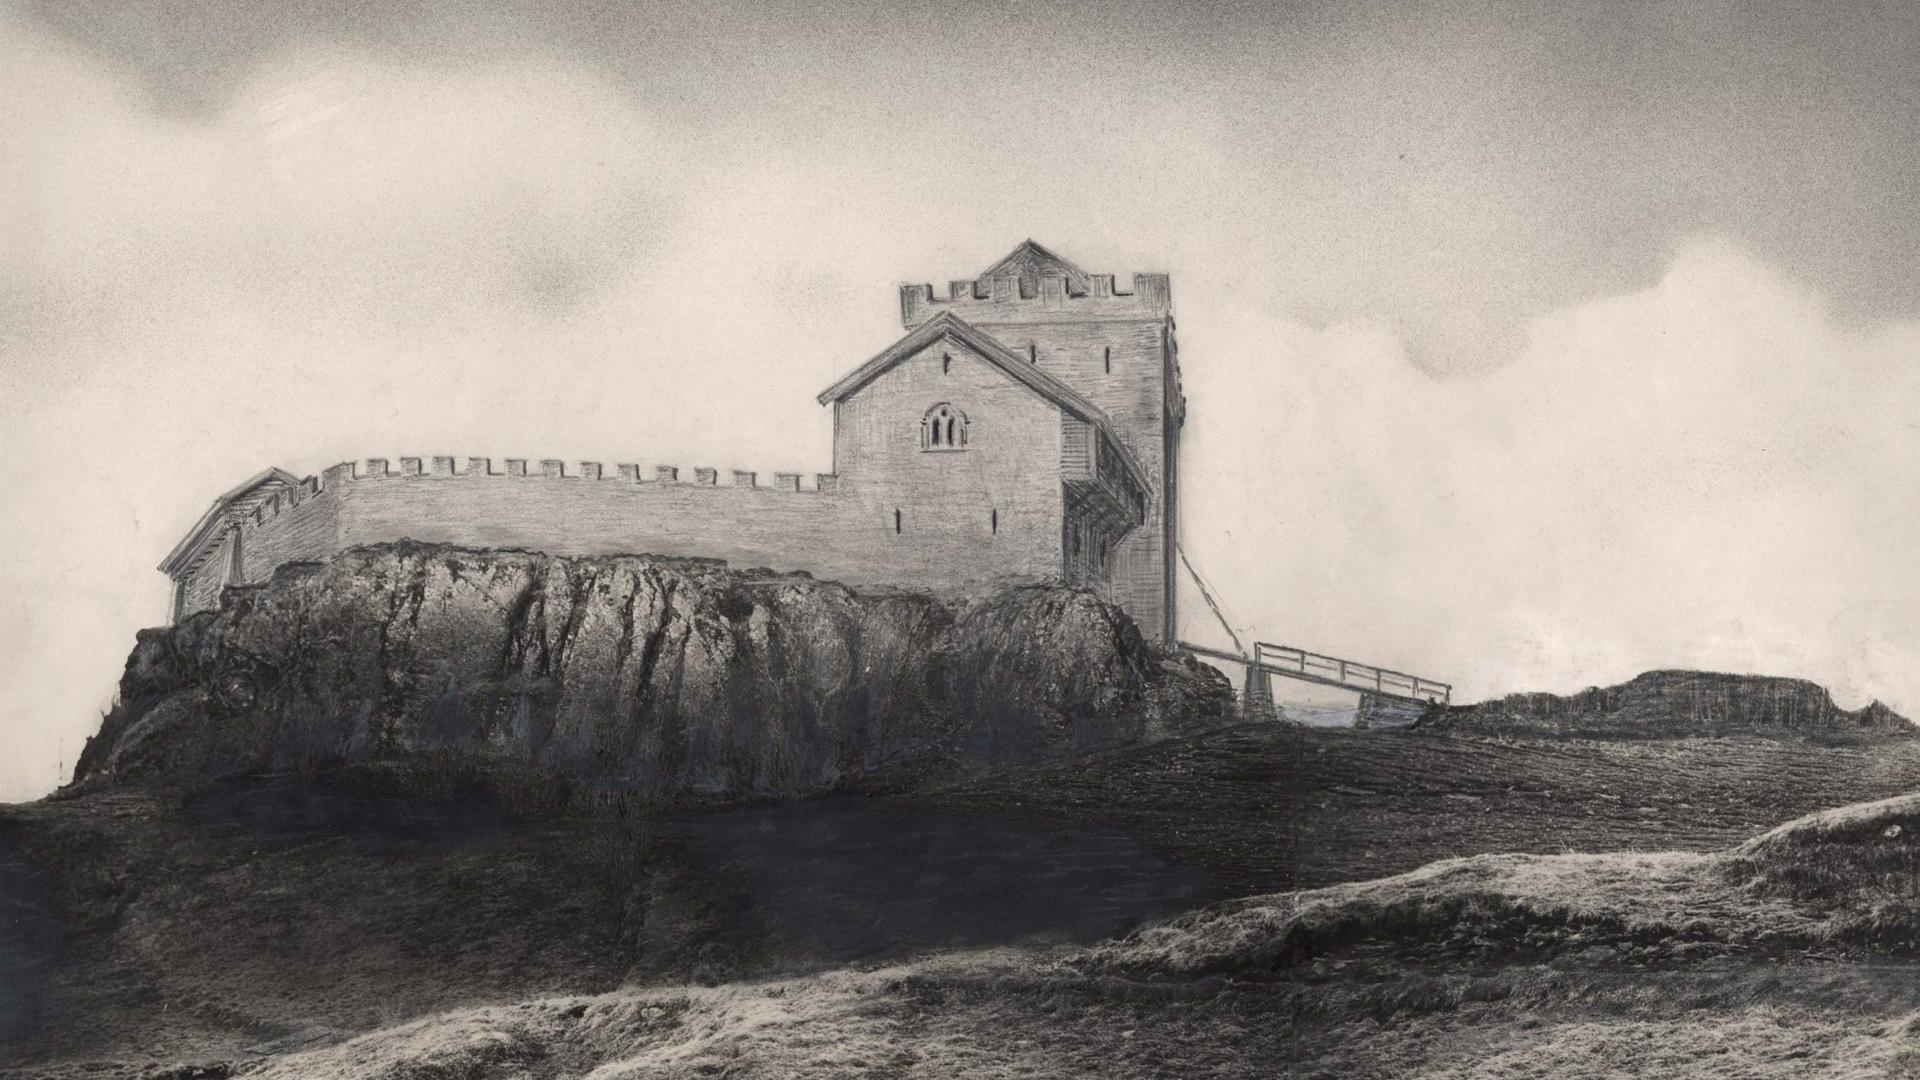 Tegning av en rekonstruksjon av Sverresborg. Tegning: ukjent